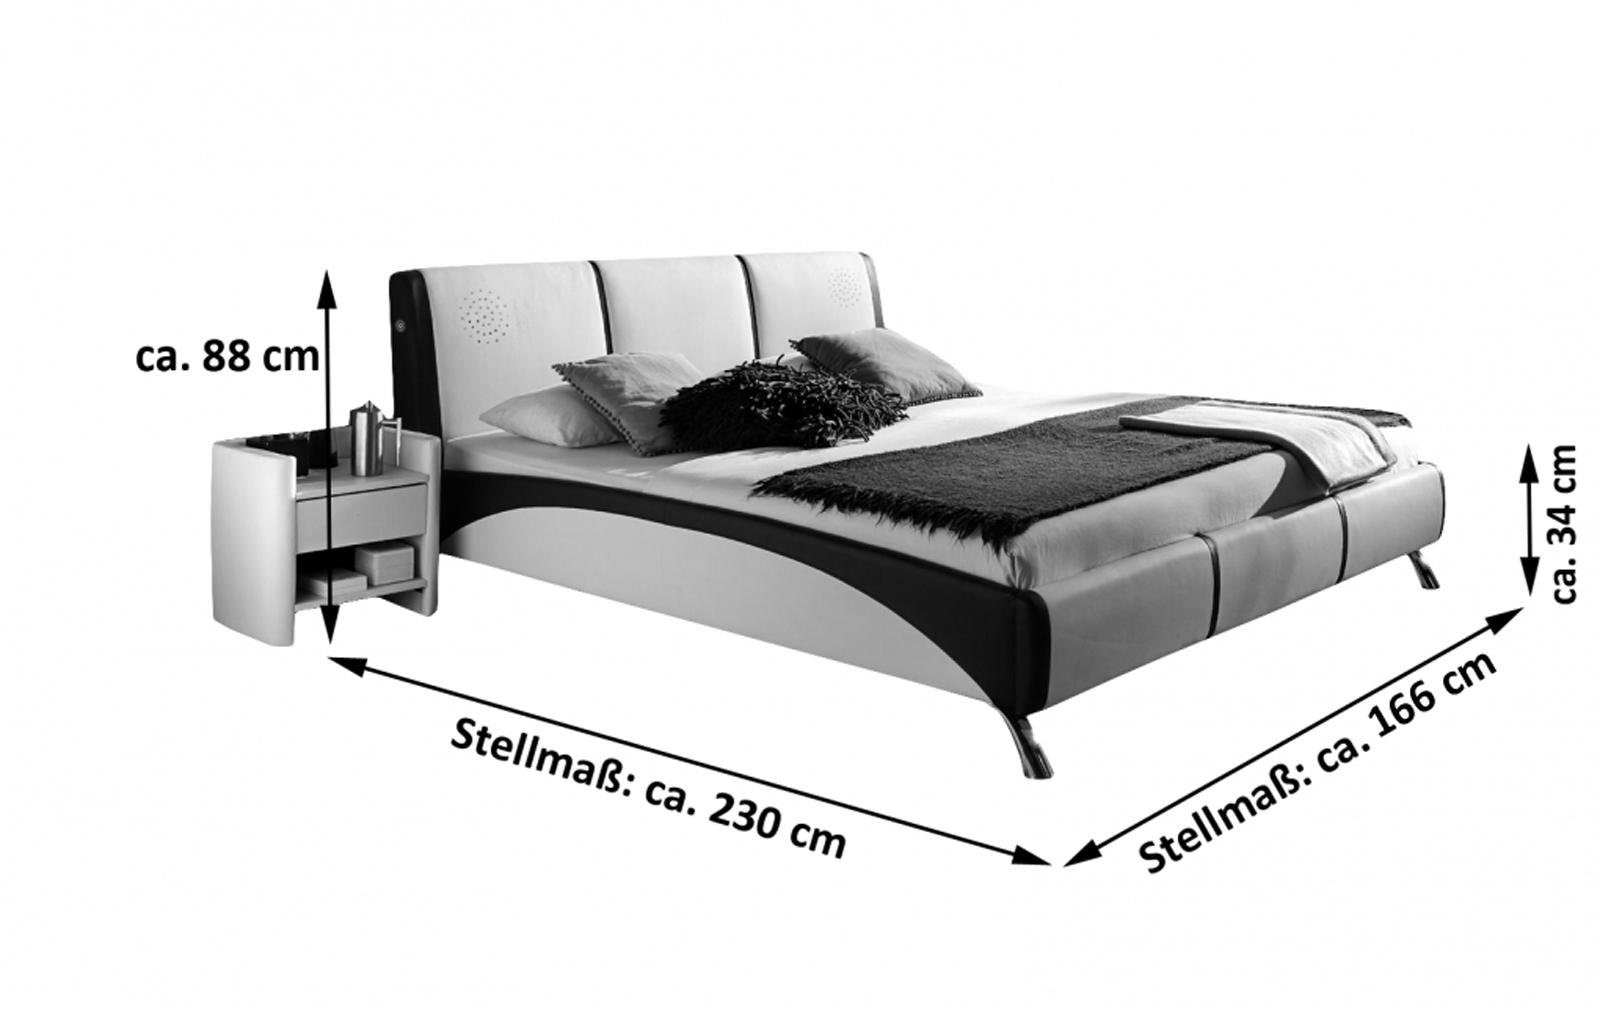 sale polsterbett 160x200 g nstig mit soundsystem wei schwarz fun. Black Bedroom Furniture Sets. Home Design Ideas